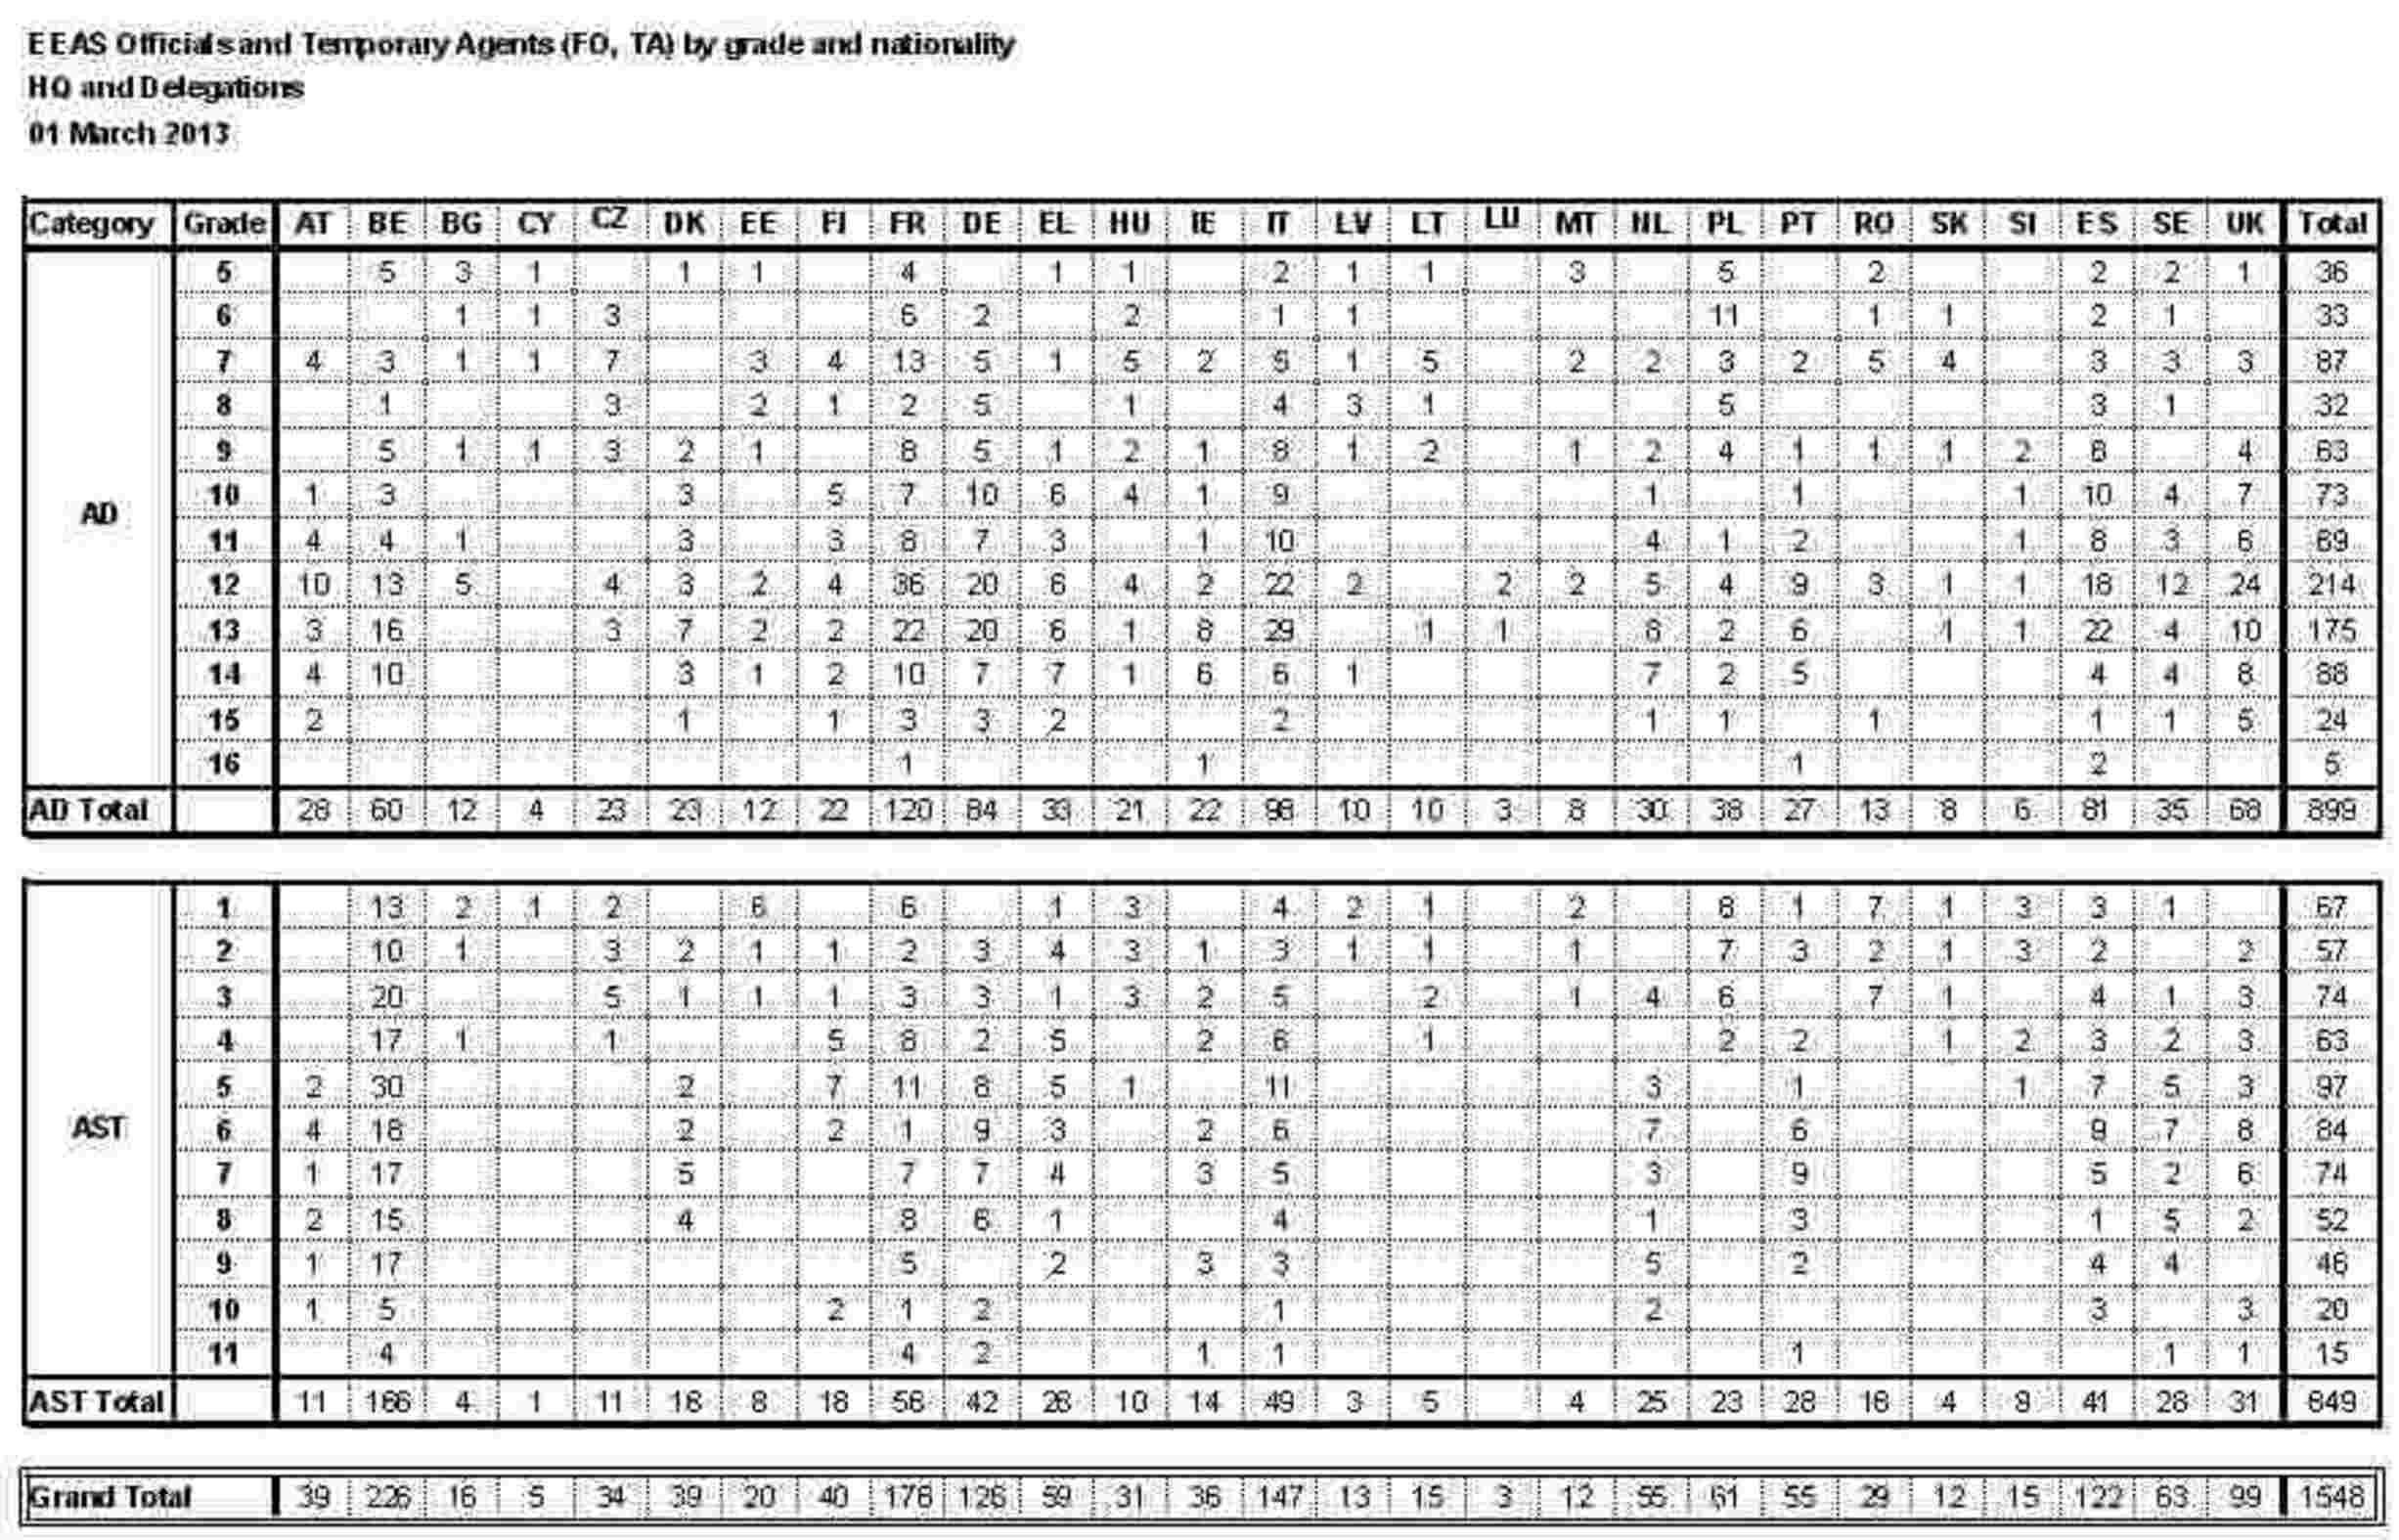 EUR-Lex - C:2013:355E:FULL - EN - EUR-Lex